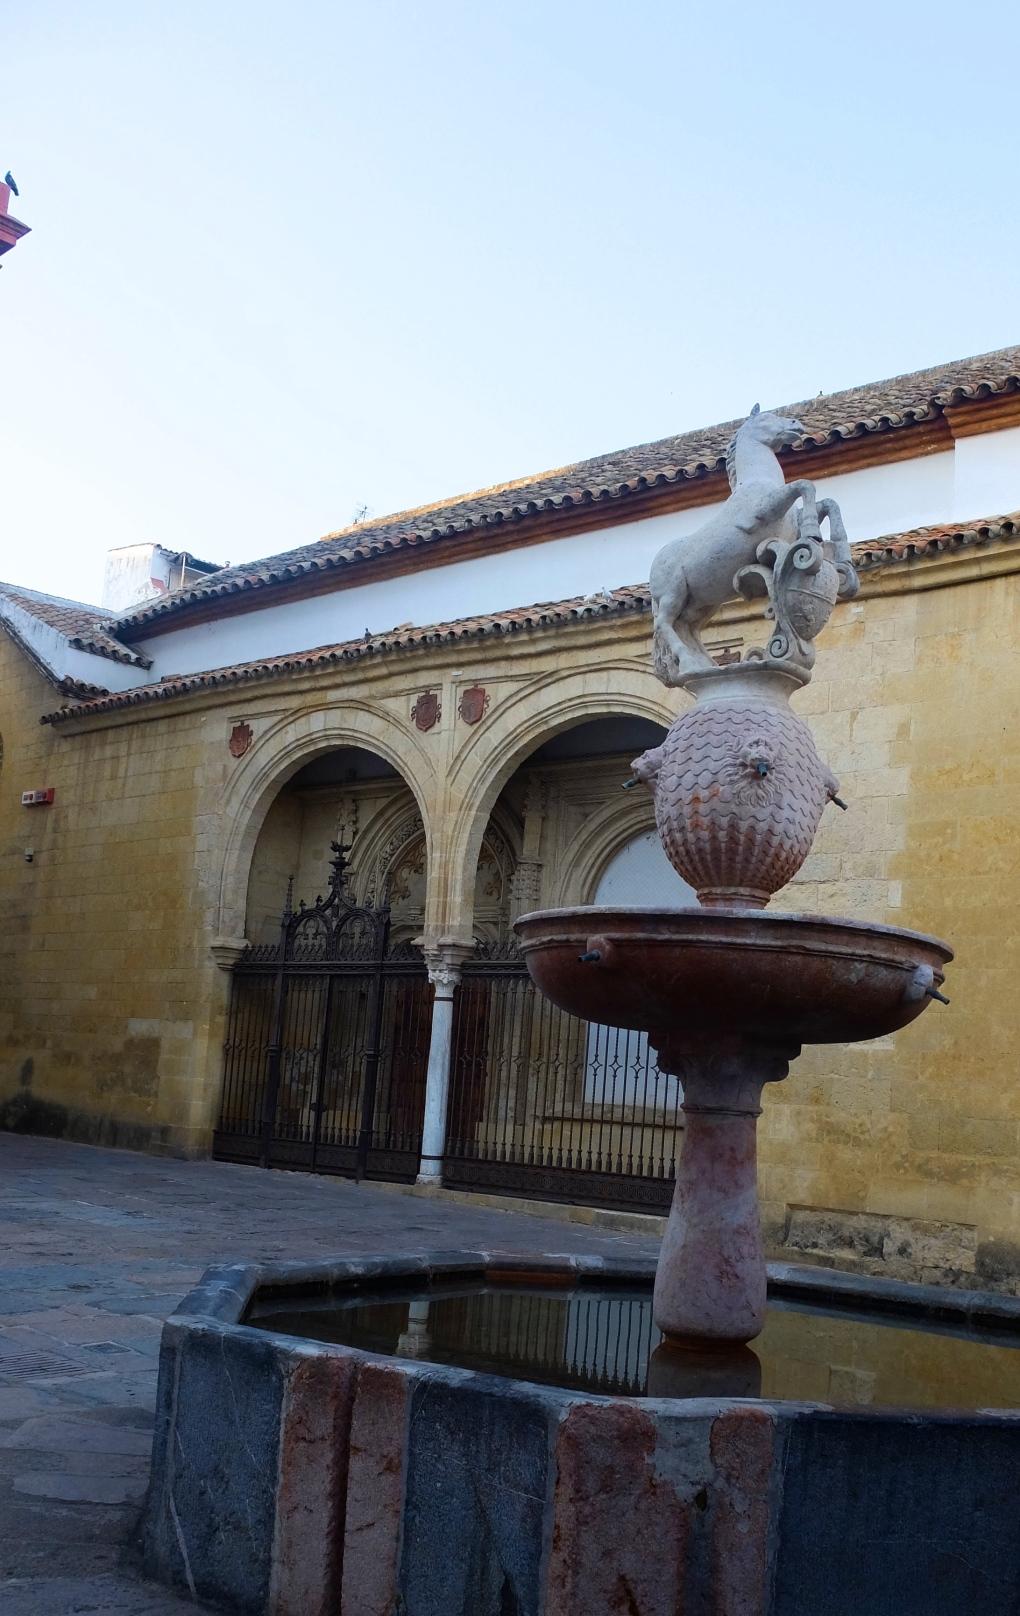 Fuente Plaza del potro